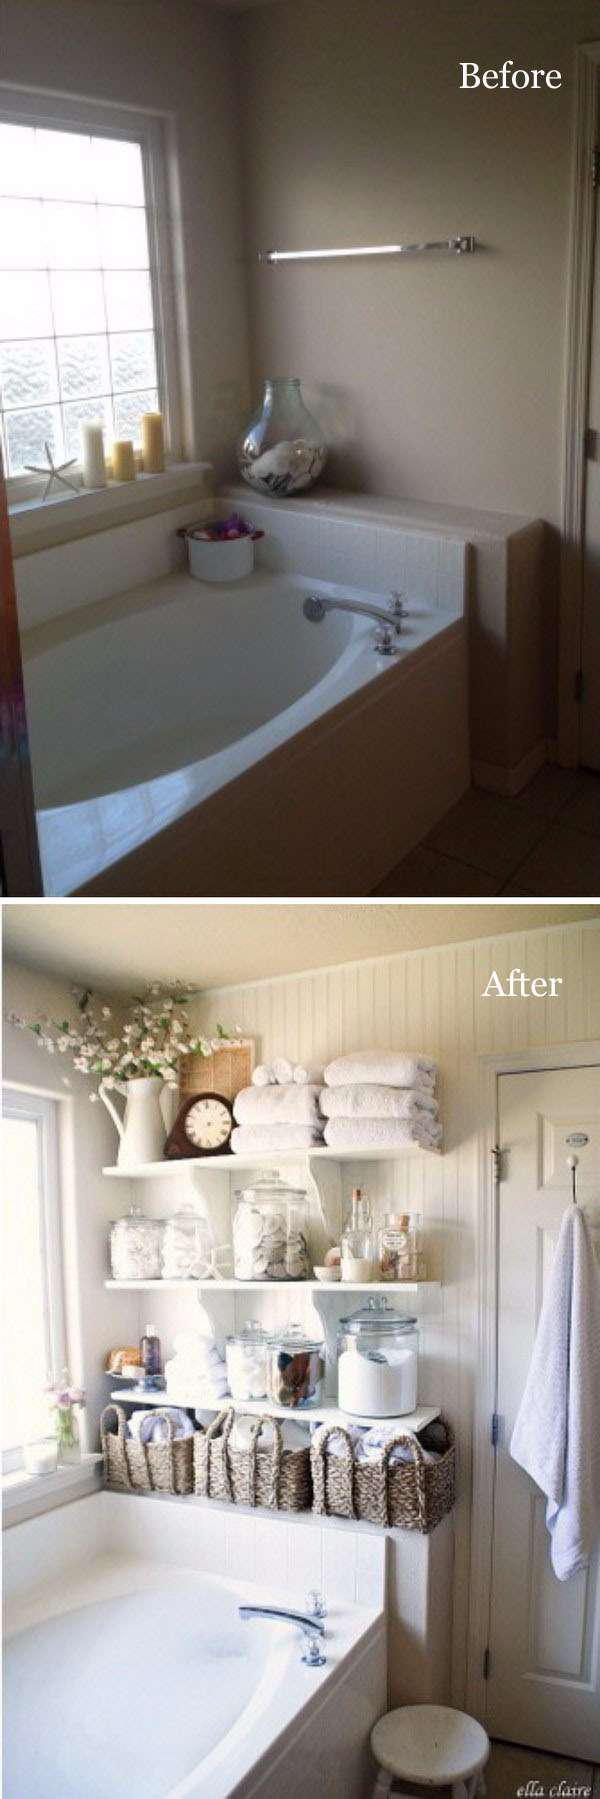 image4-83 | 16 идей преображения старой ванной комнаты